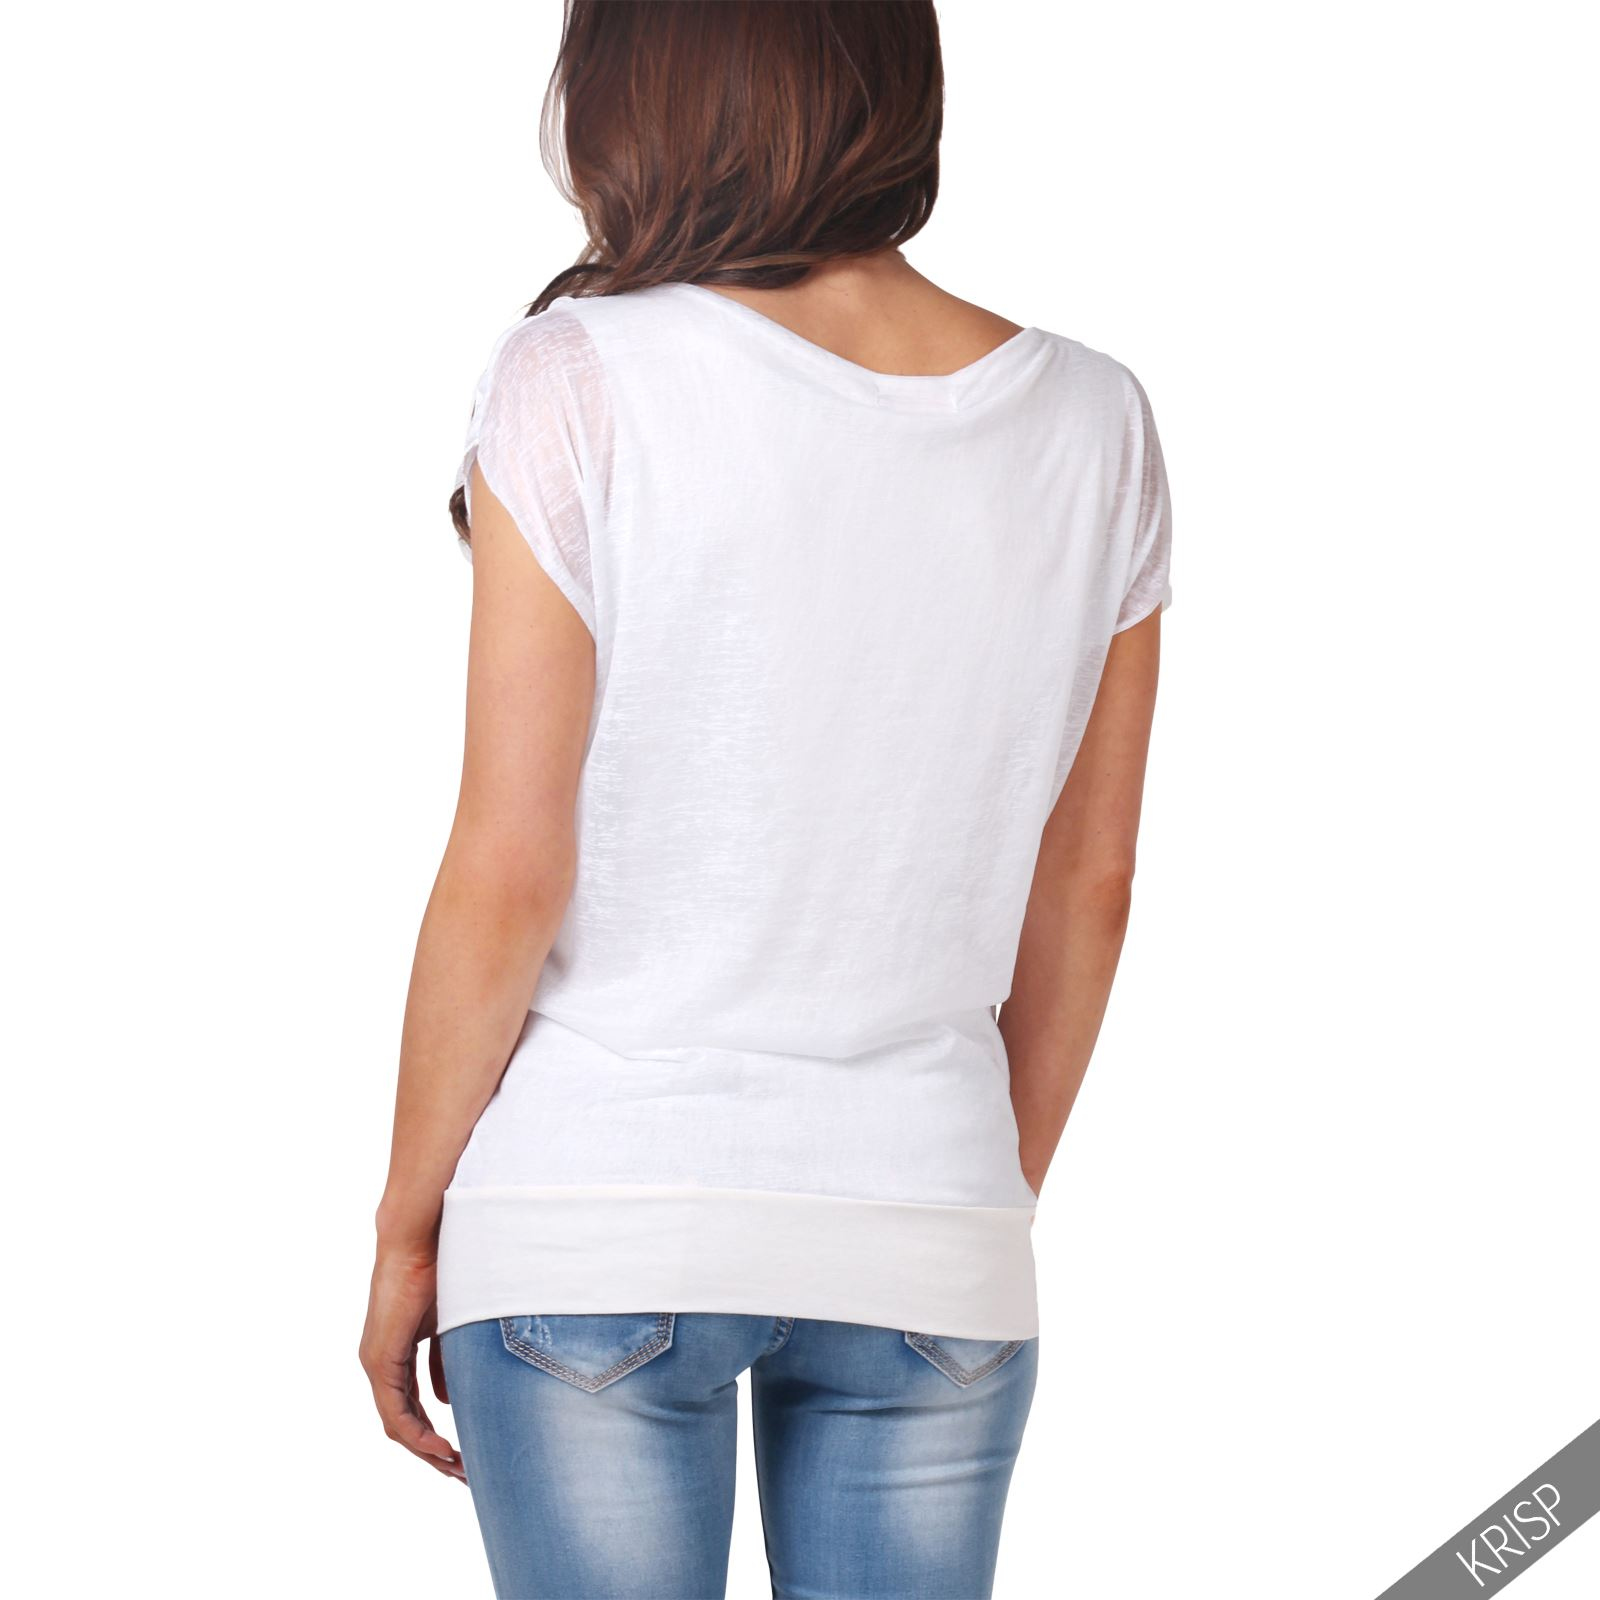 femmes top haut tunique blouse t shirt col v b nitier d bardeur affaires casual ebay. Black Bedroom Furniture Sets. Home Design Ideas